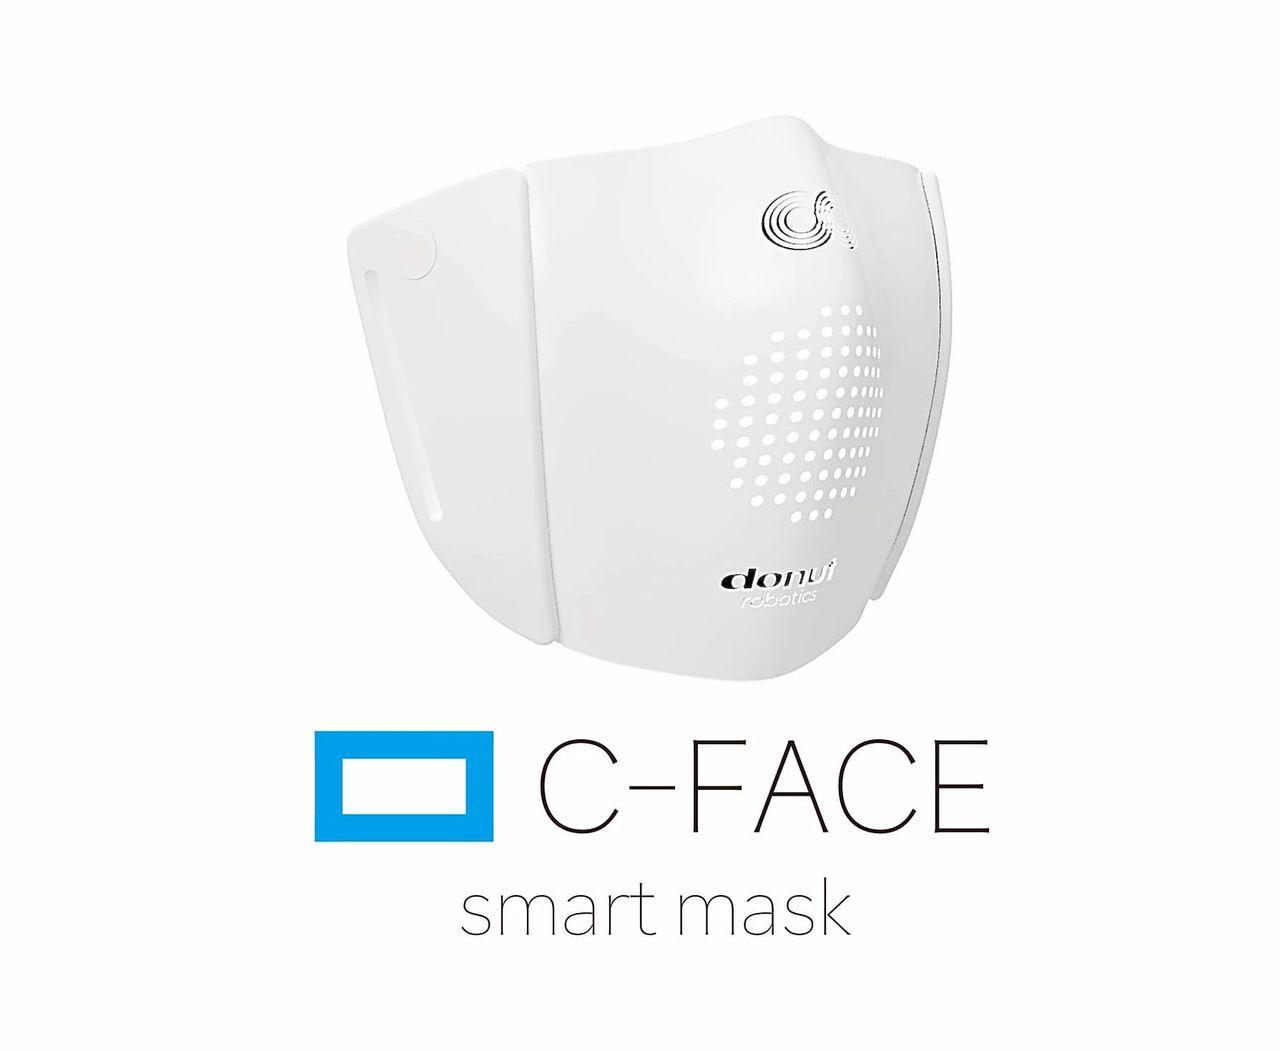 Smart ansiktsmask kan översätta åtta olika språk